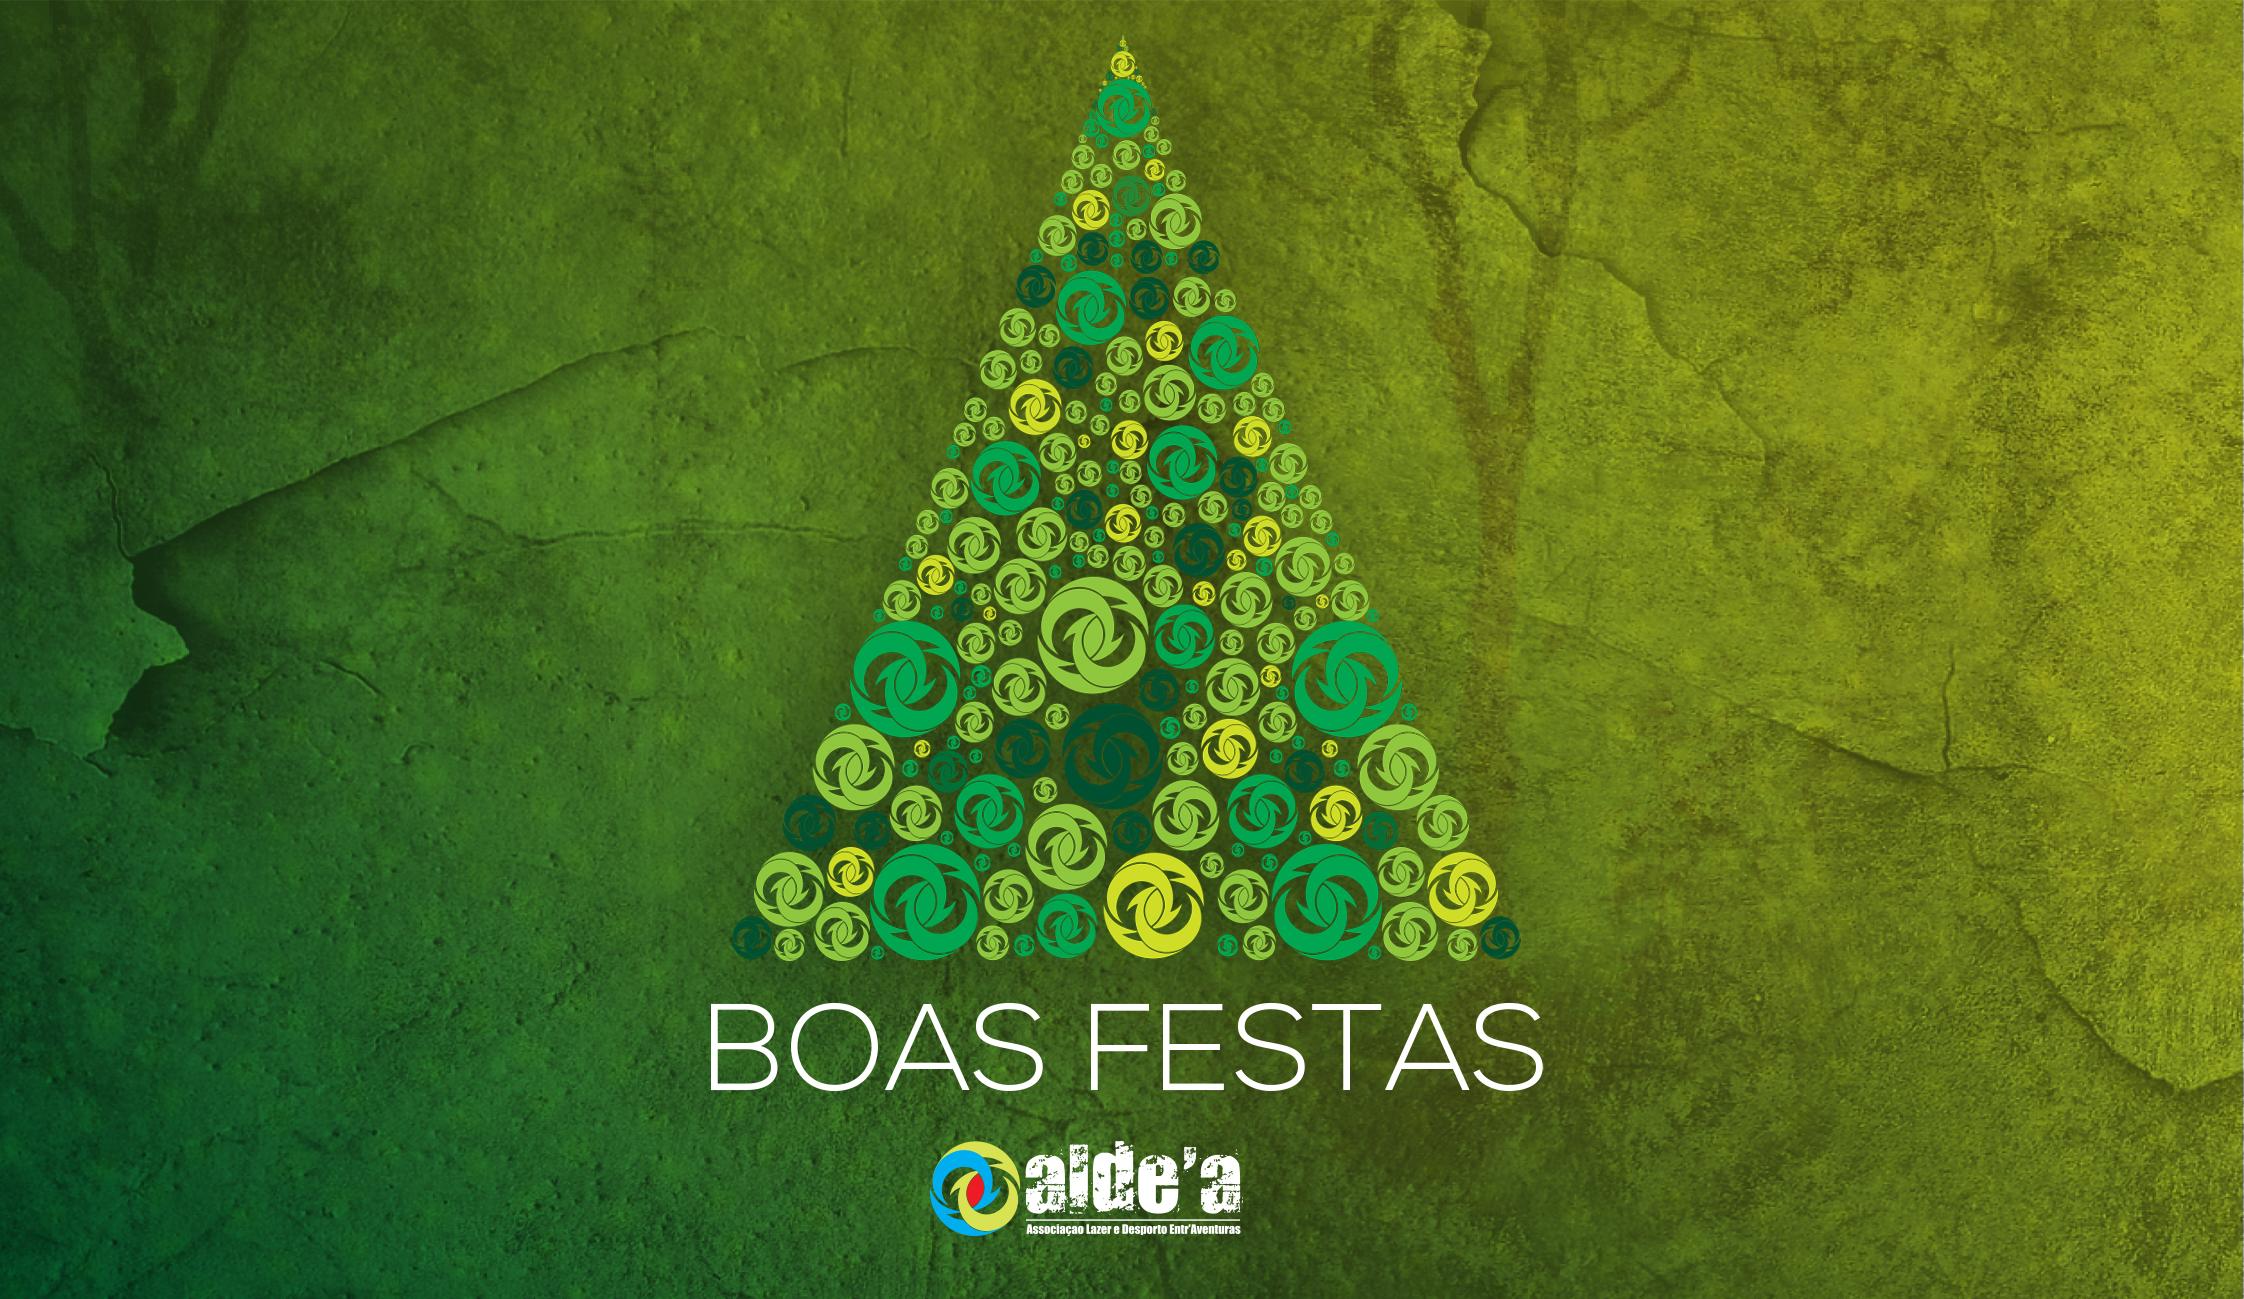 POSTAL_BOAS FESTAS.jpg